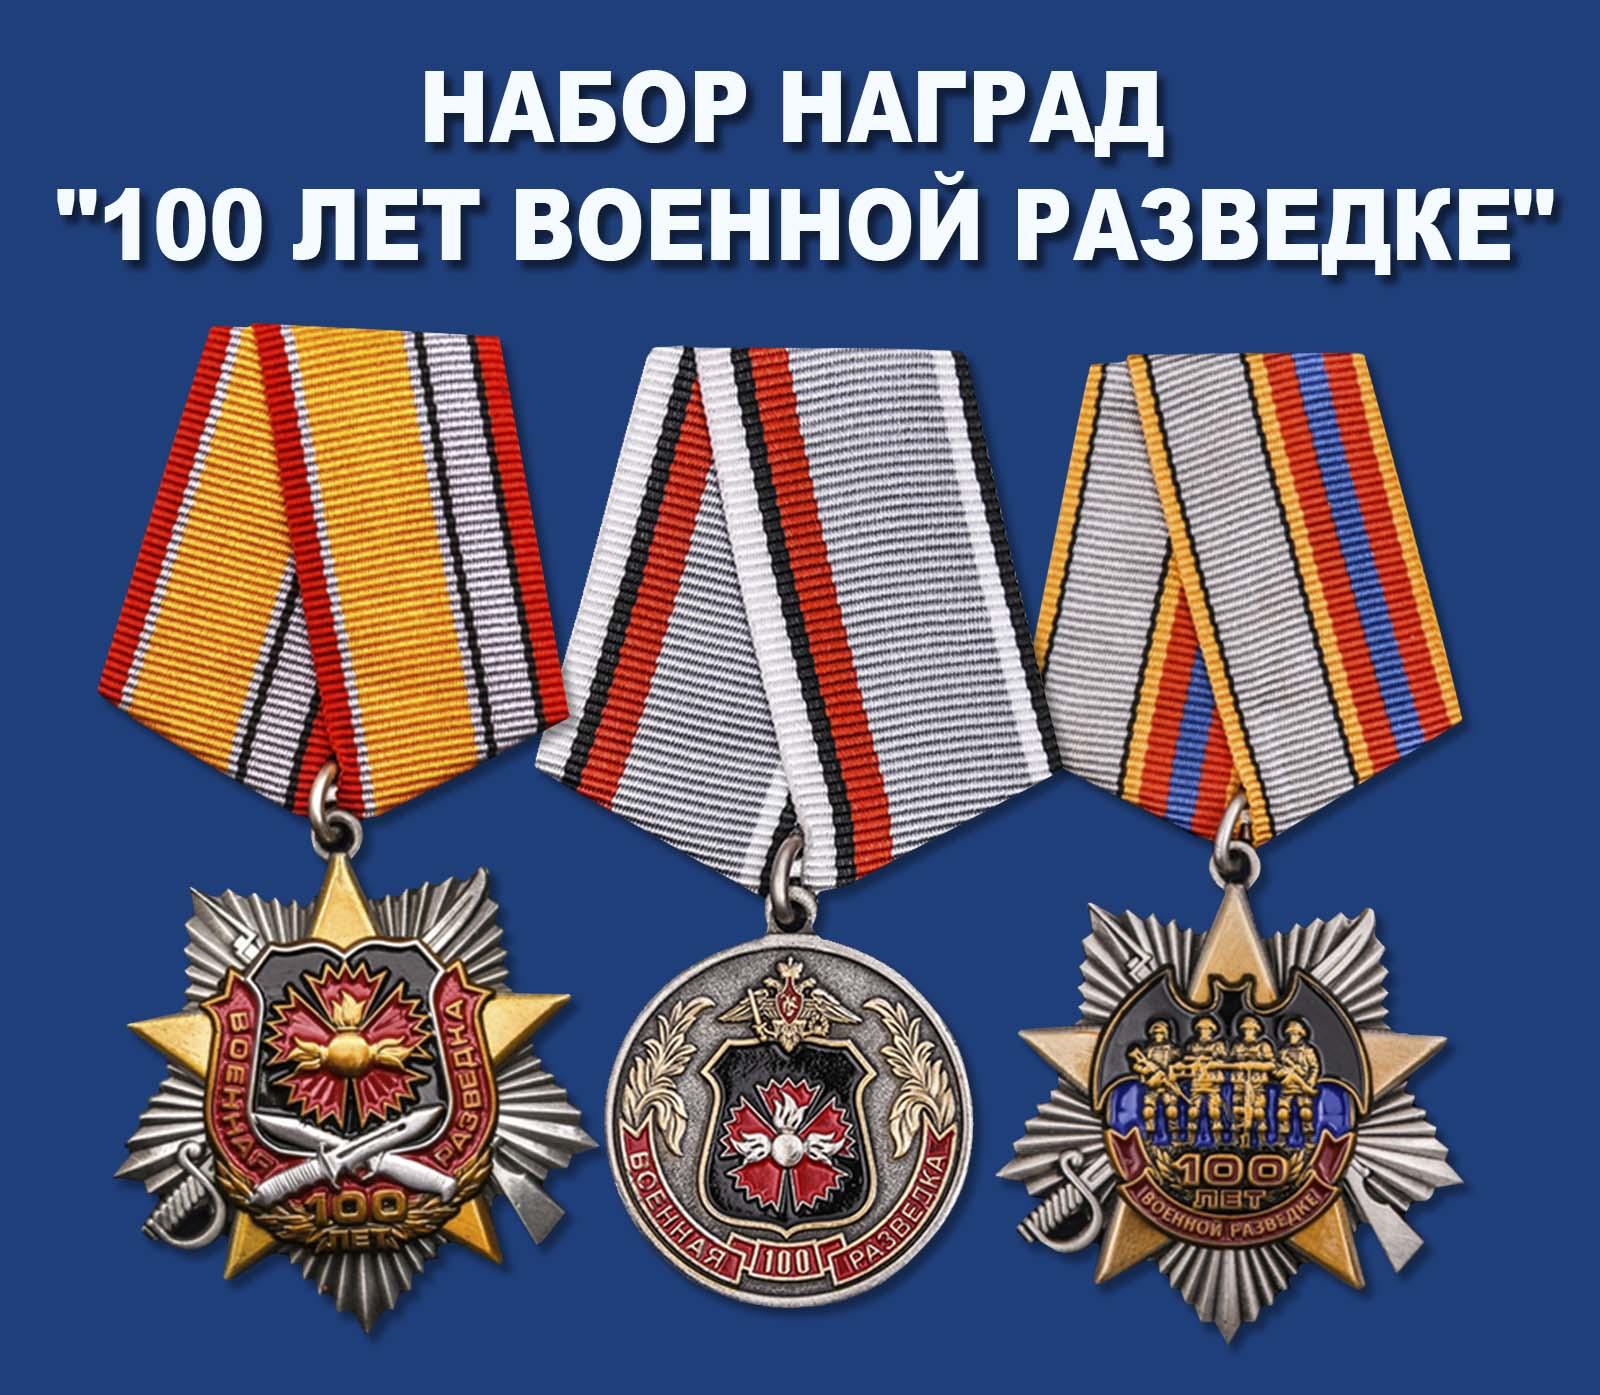 """Набор наград """"100 лет Военной разведке"""""""